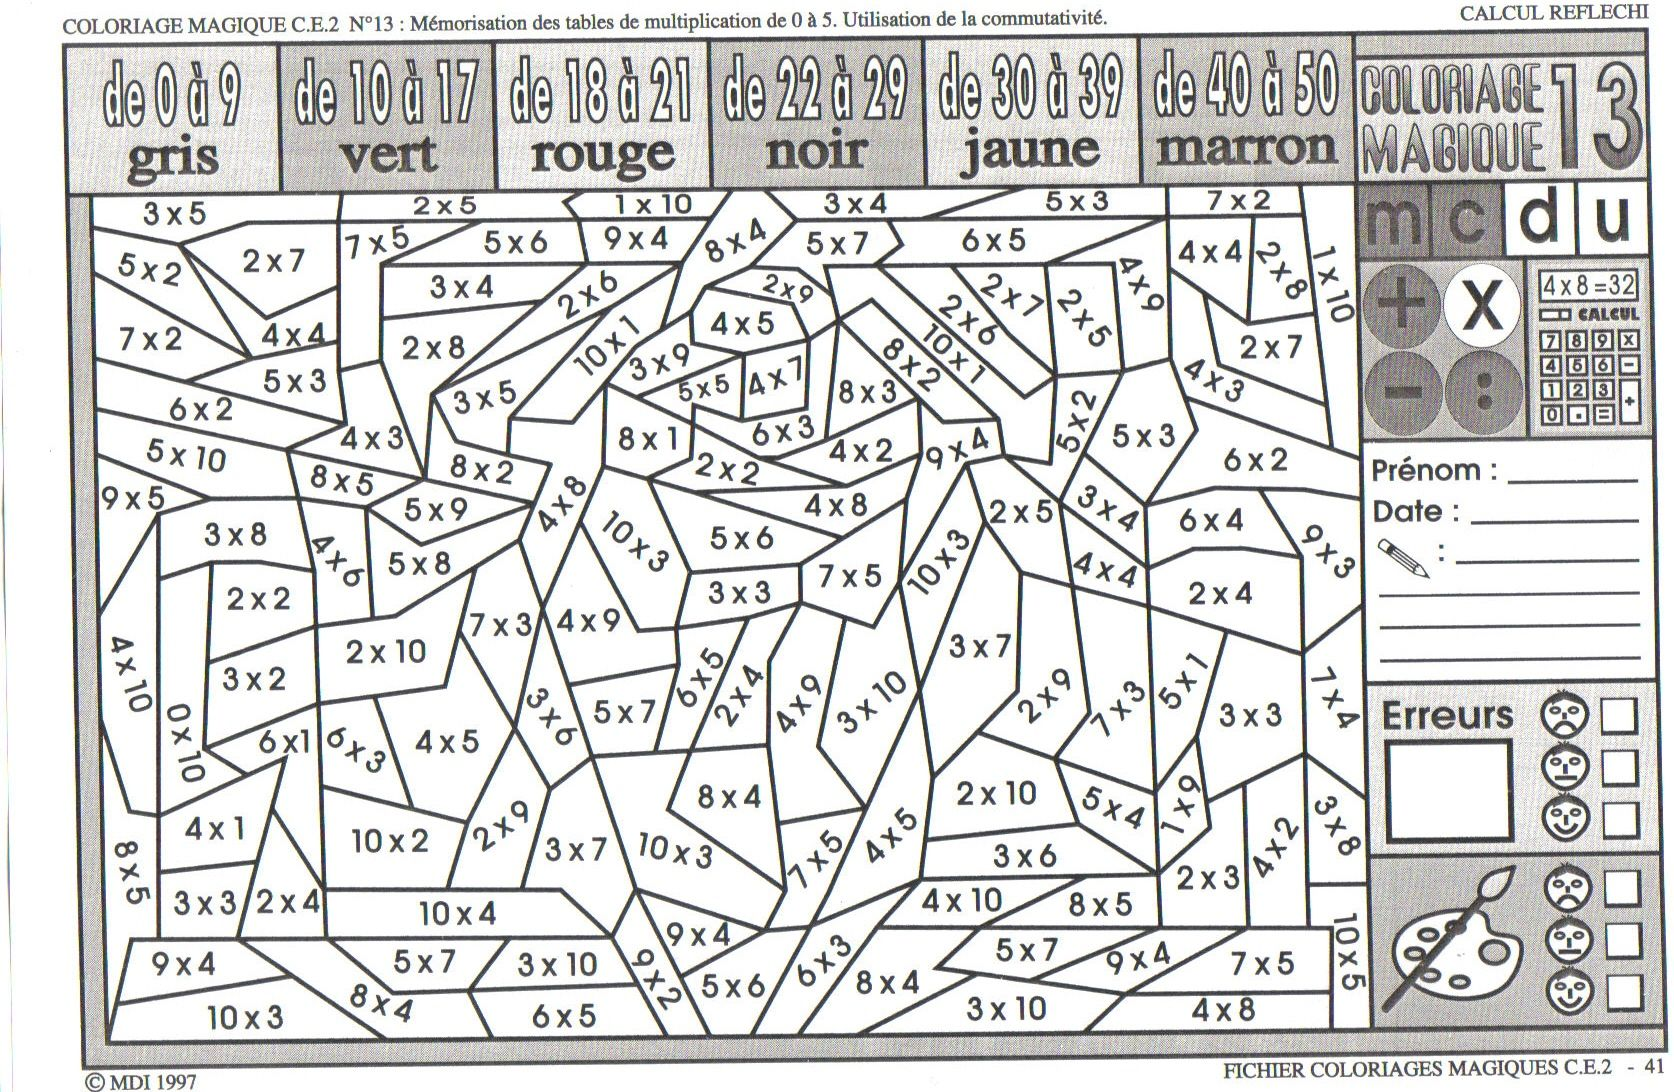 Coloriage Magique Cm1 Multiplication A Imprimer Gratuit L